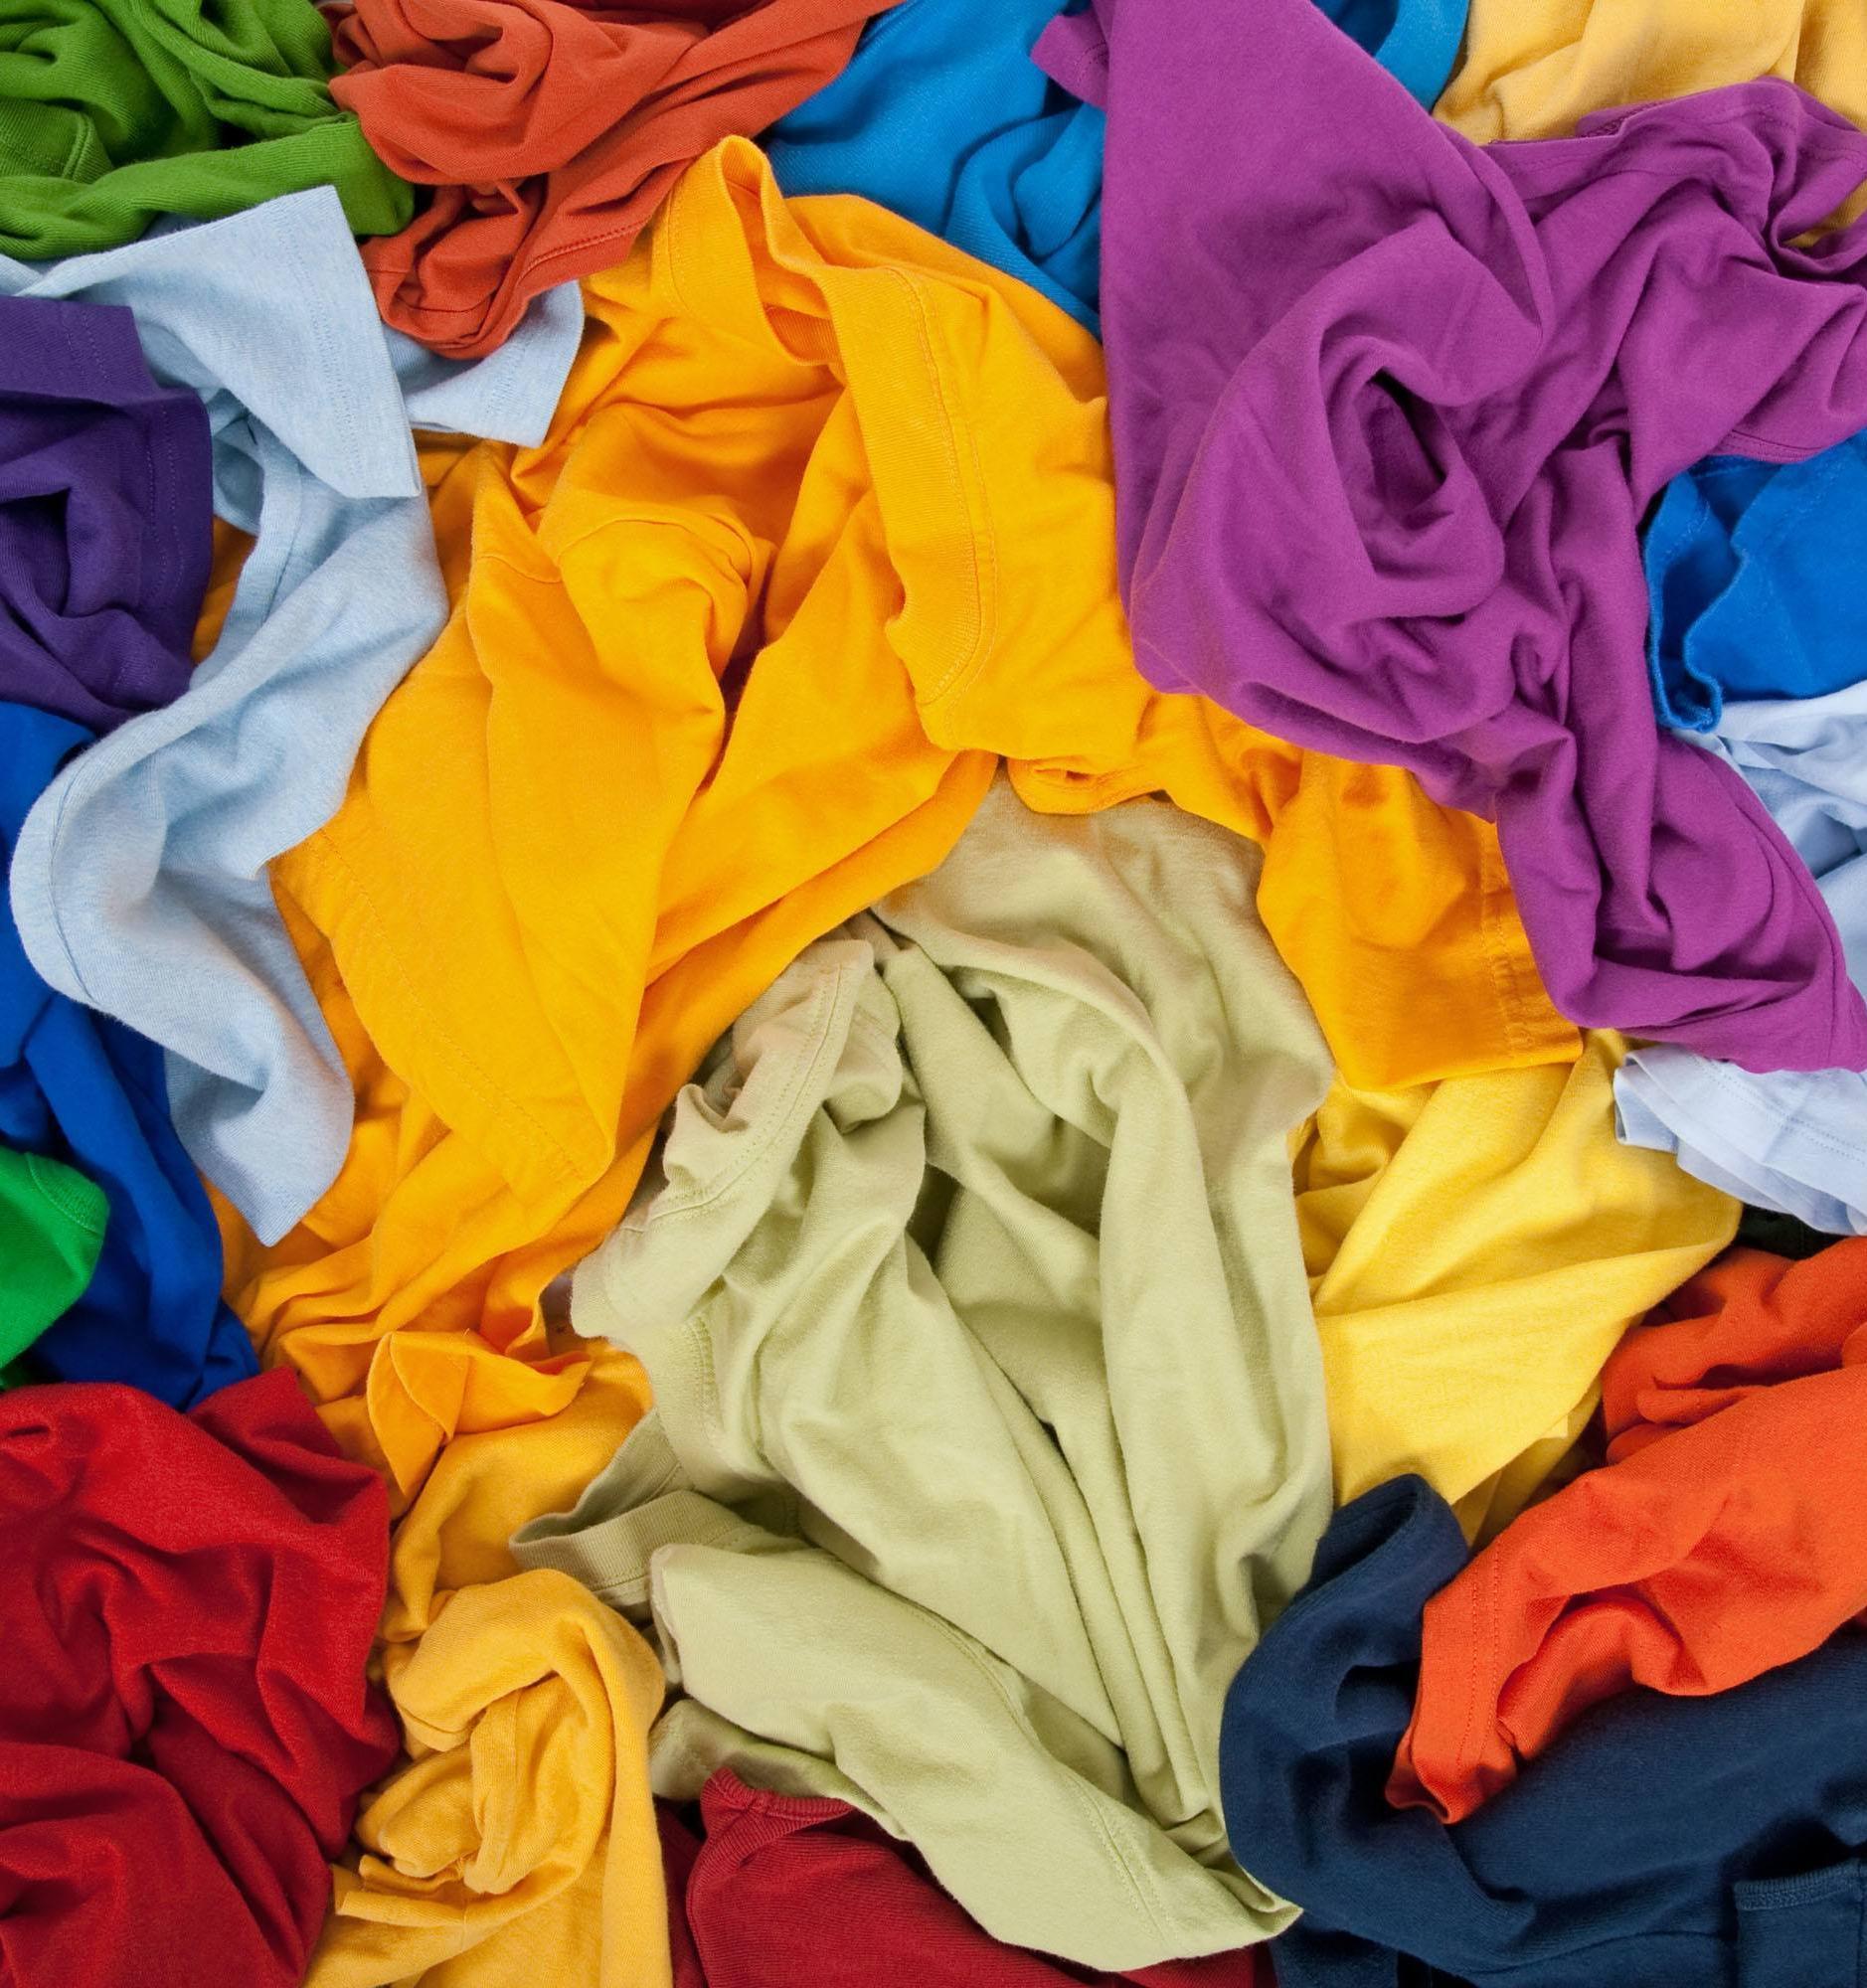 На вебинаре обсудят утилизацию текстильных отходов